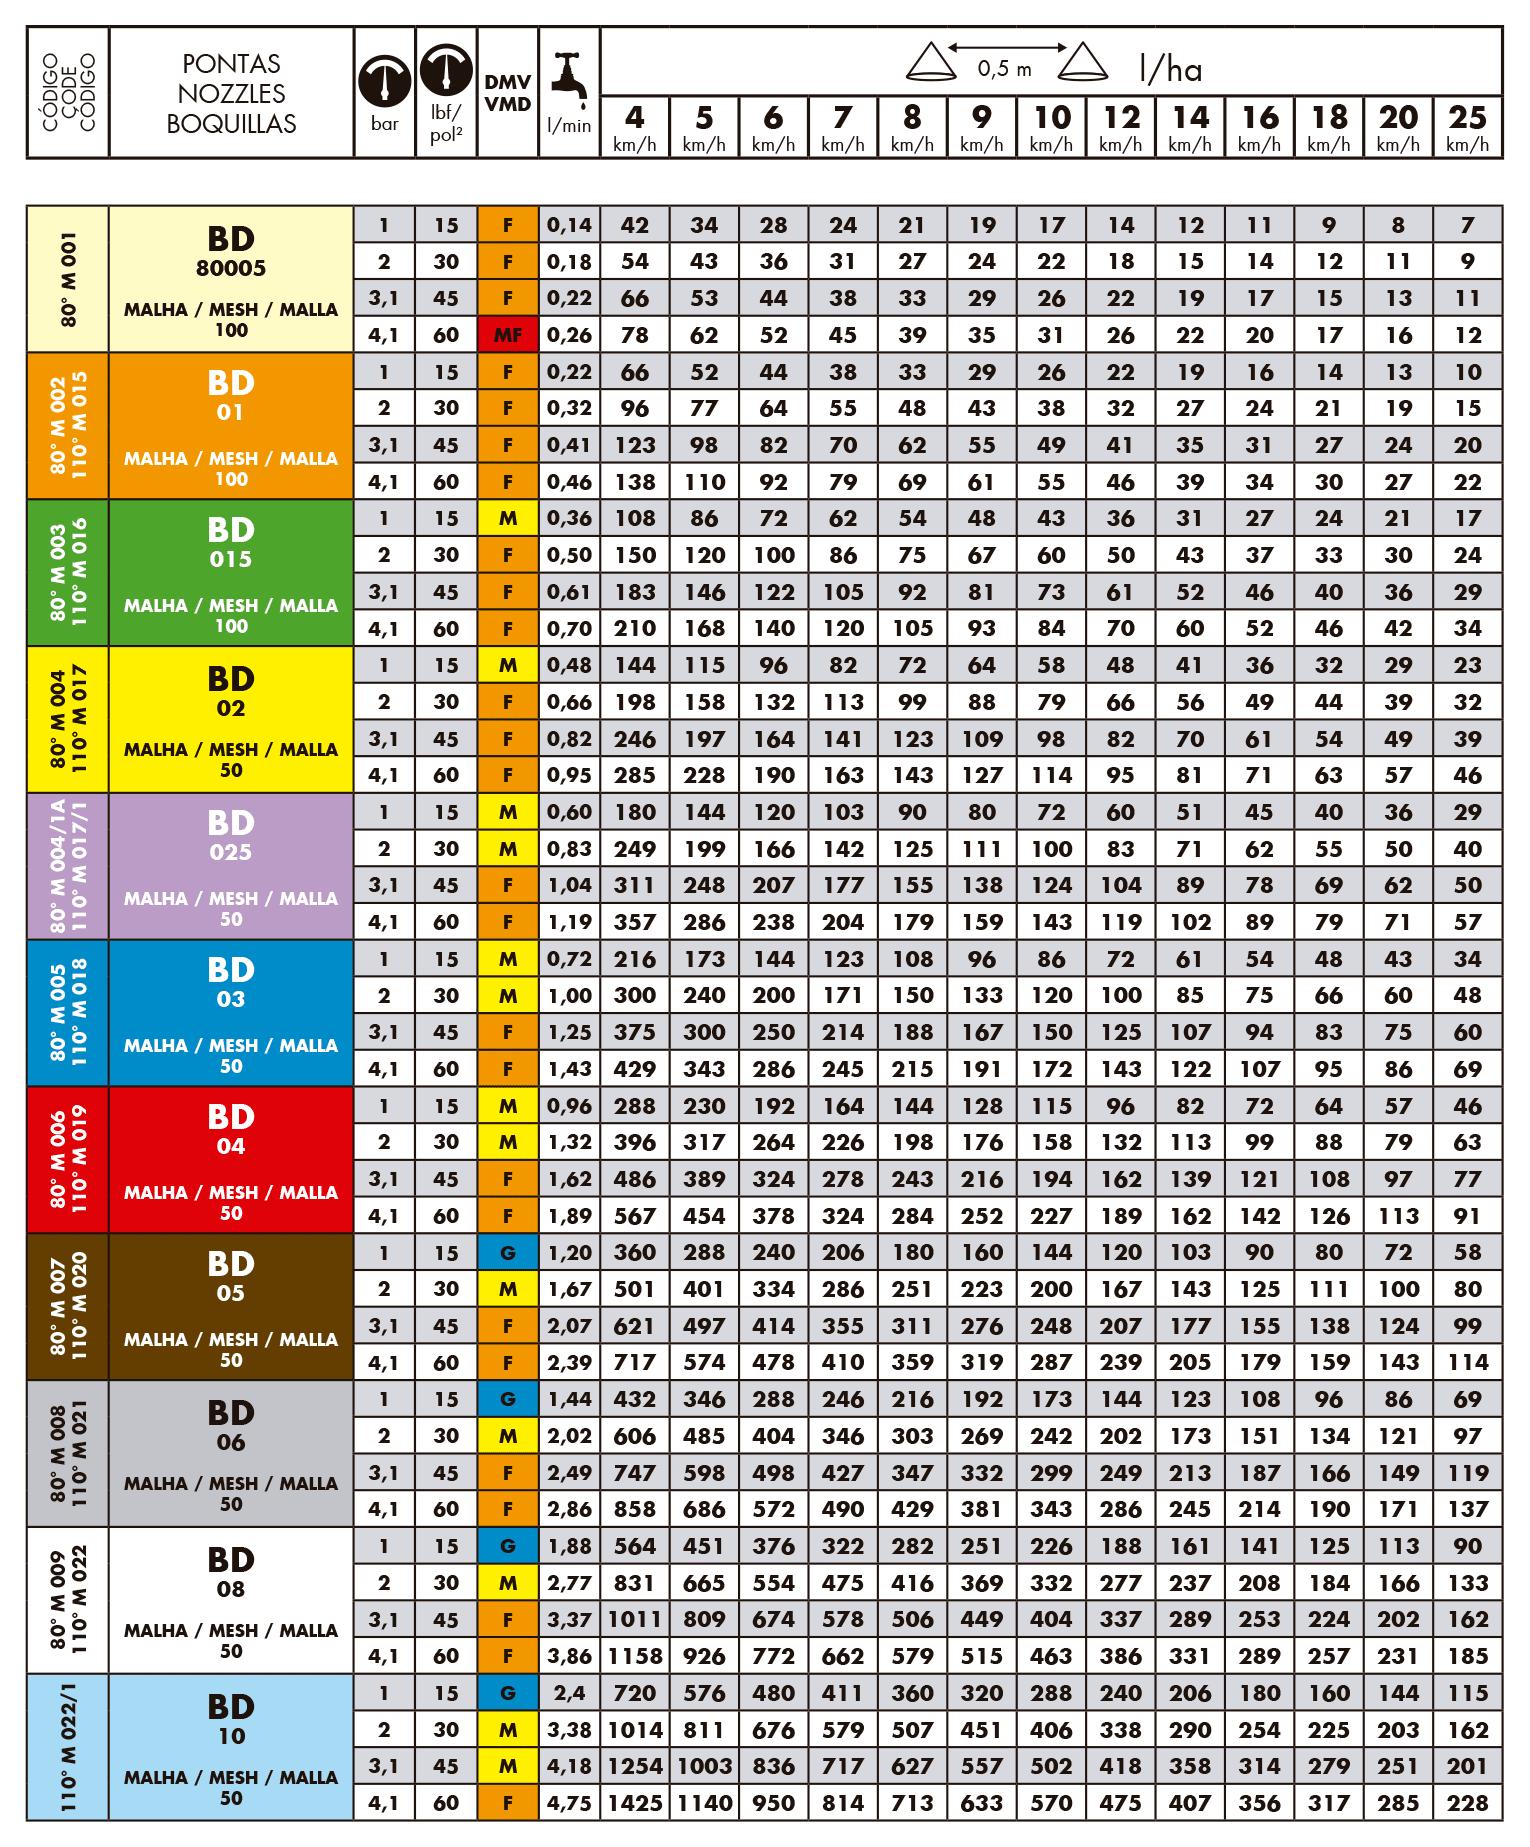 Tabela de vazões dos bicos de pulverização magnojet Baixa Deriva BD